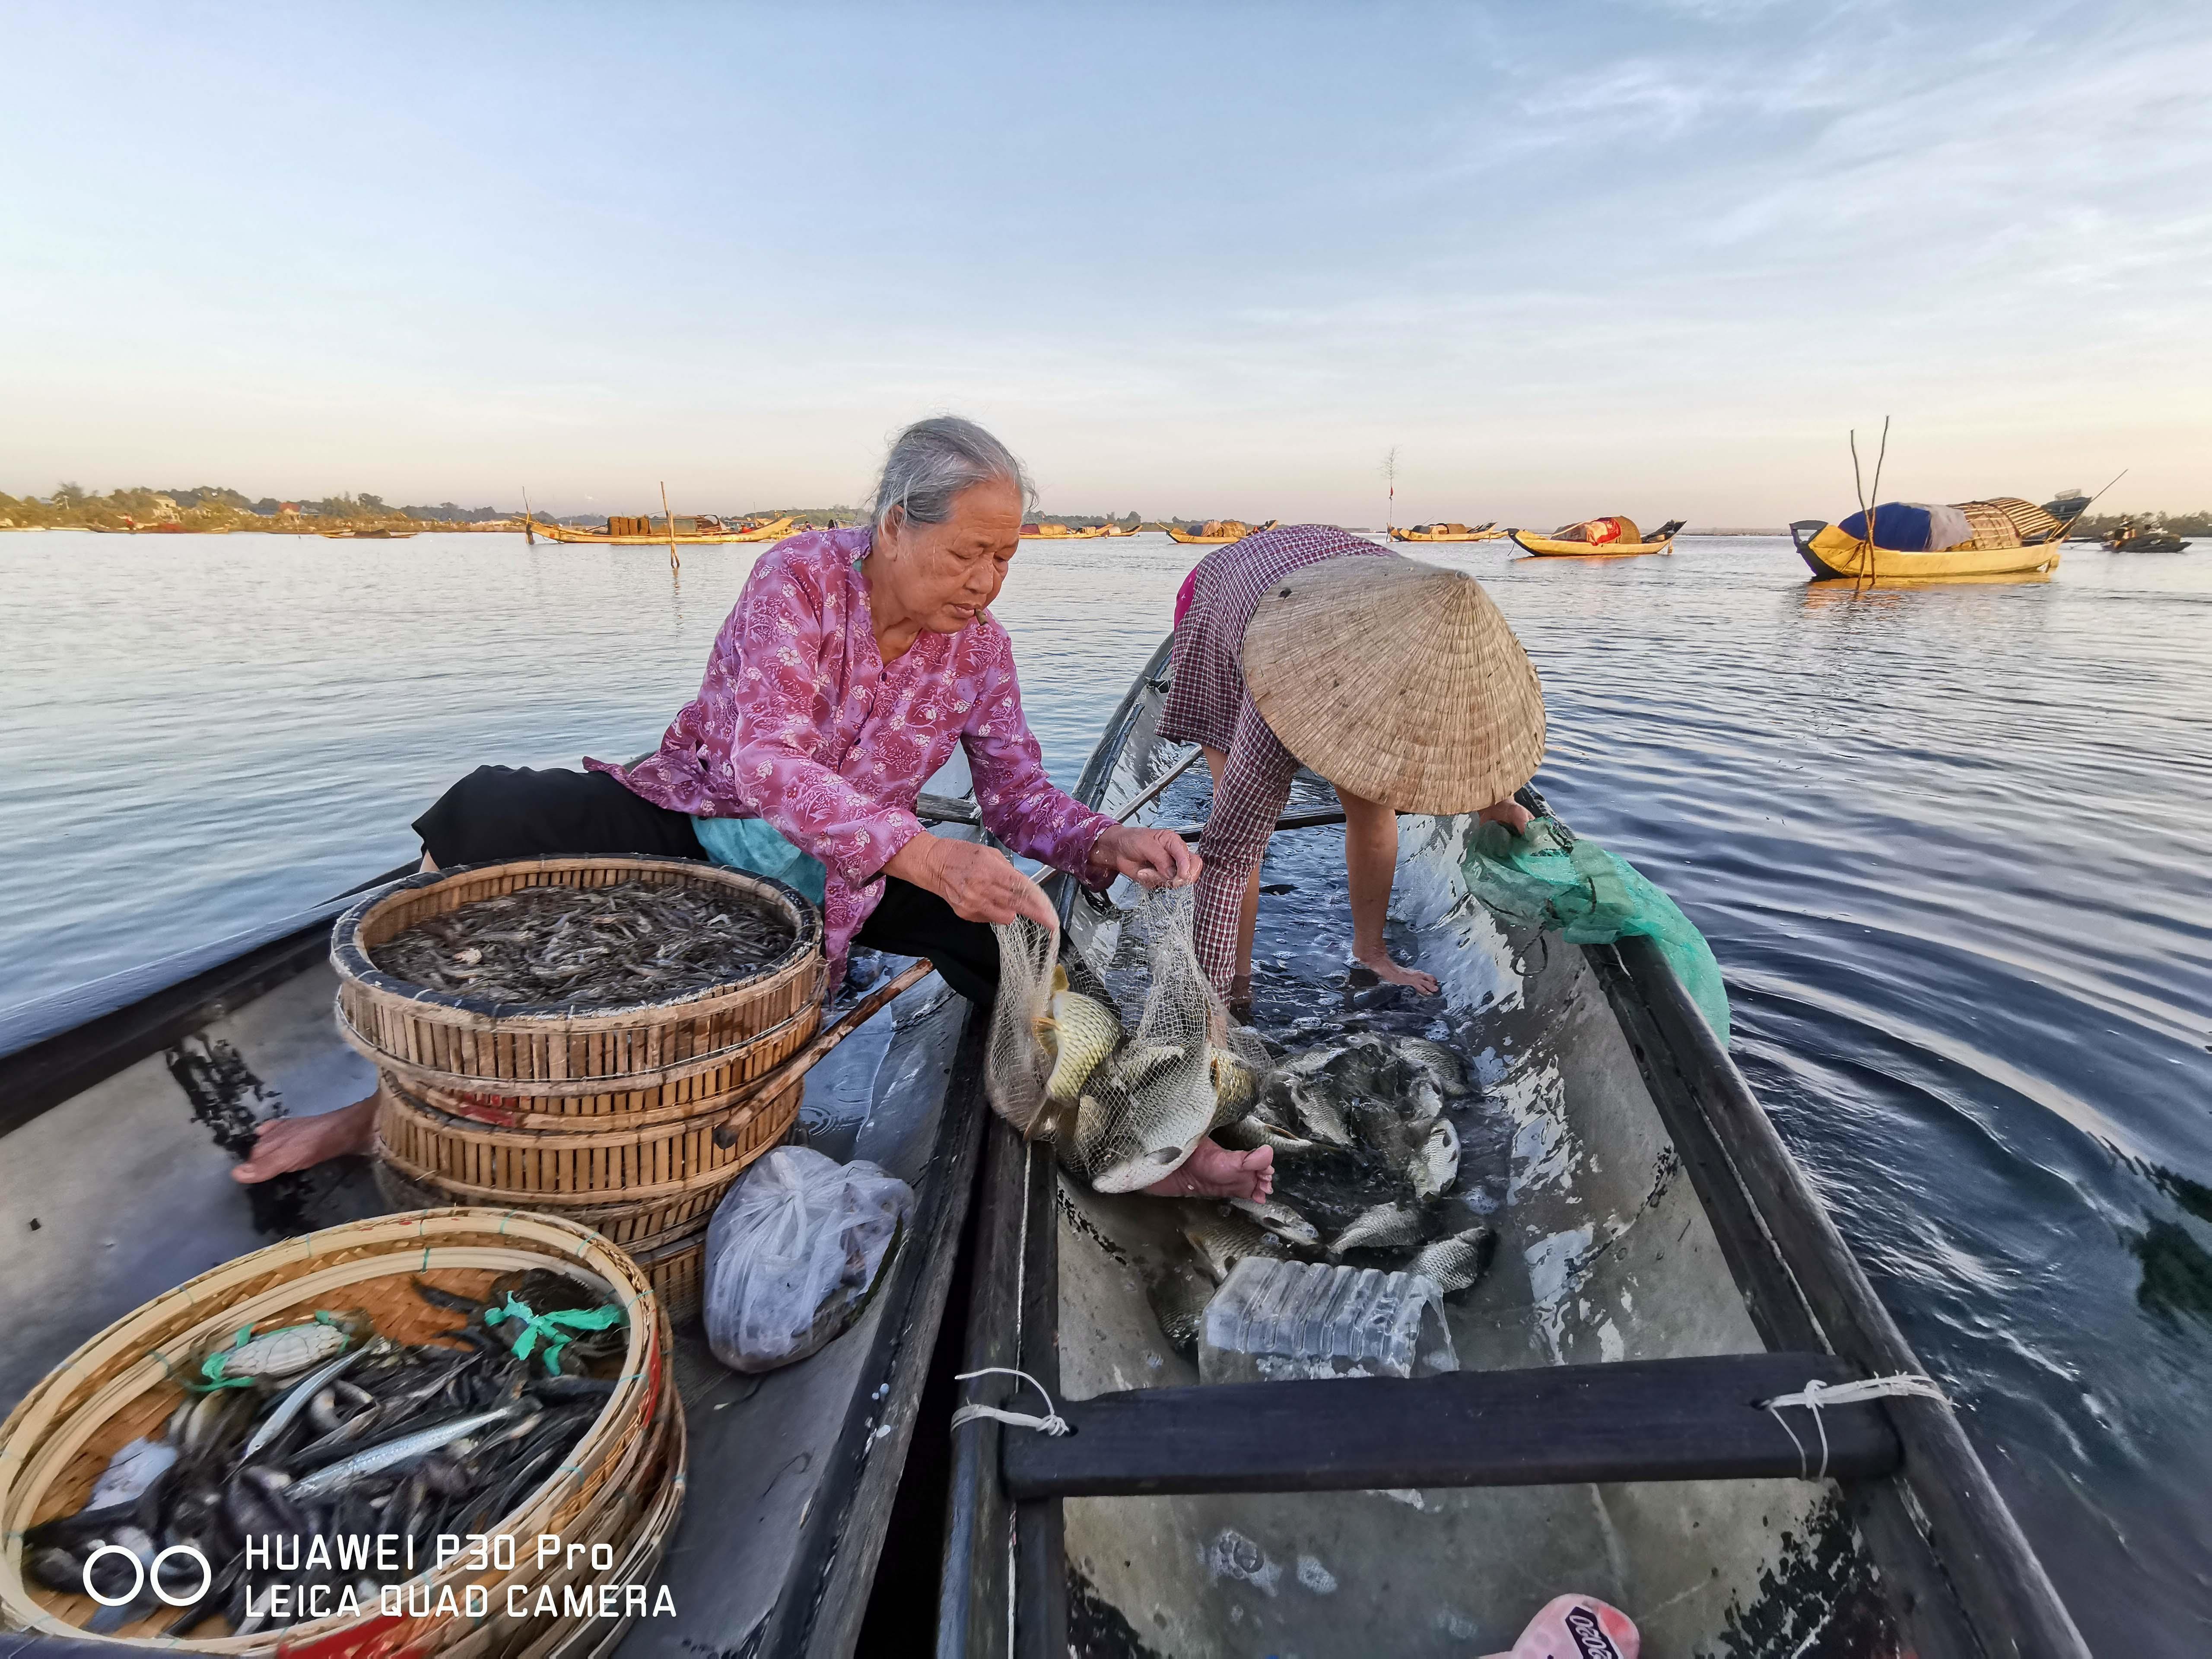 Ninh Binh, Hue sinh dong qua nhung buc hinh biet noi hinh anh 23